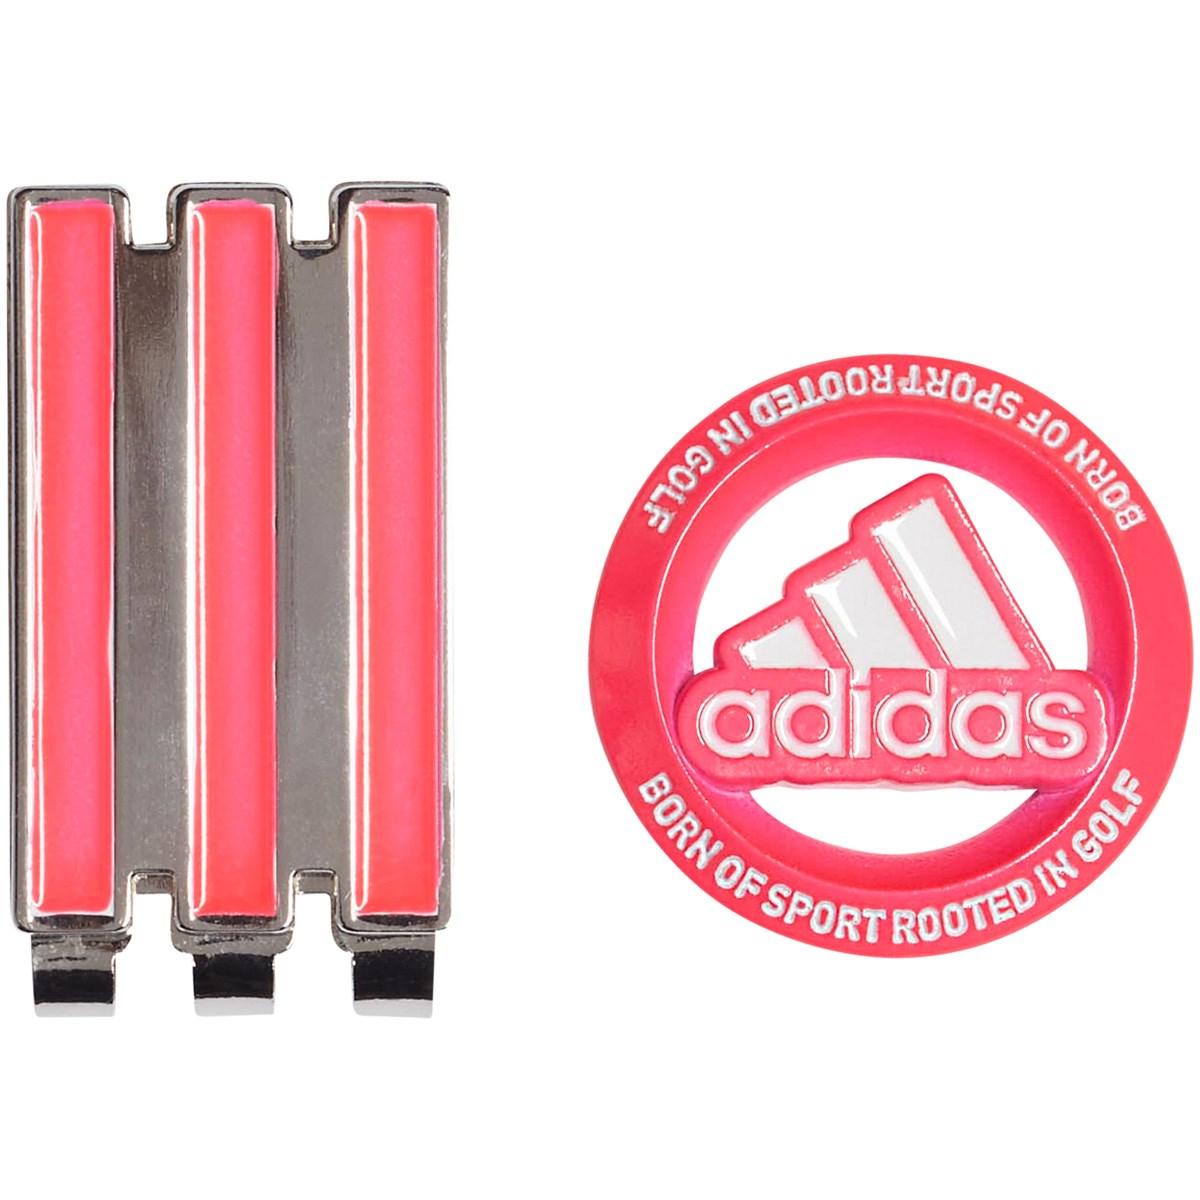 アディダス Adidas ネオンカラークリップマーカー ピンク